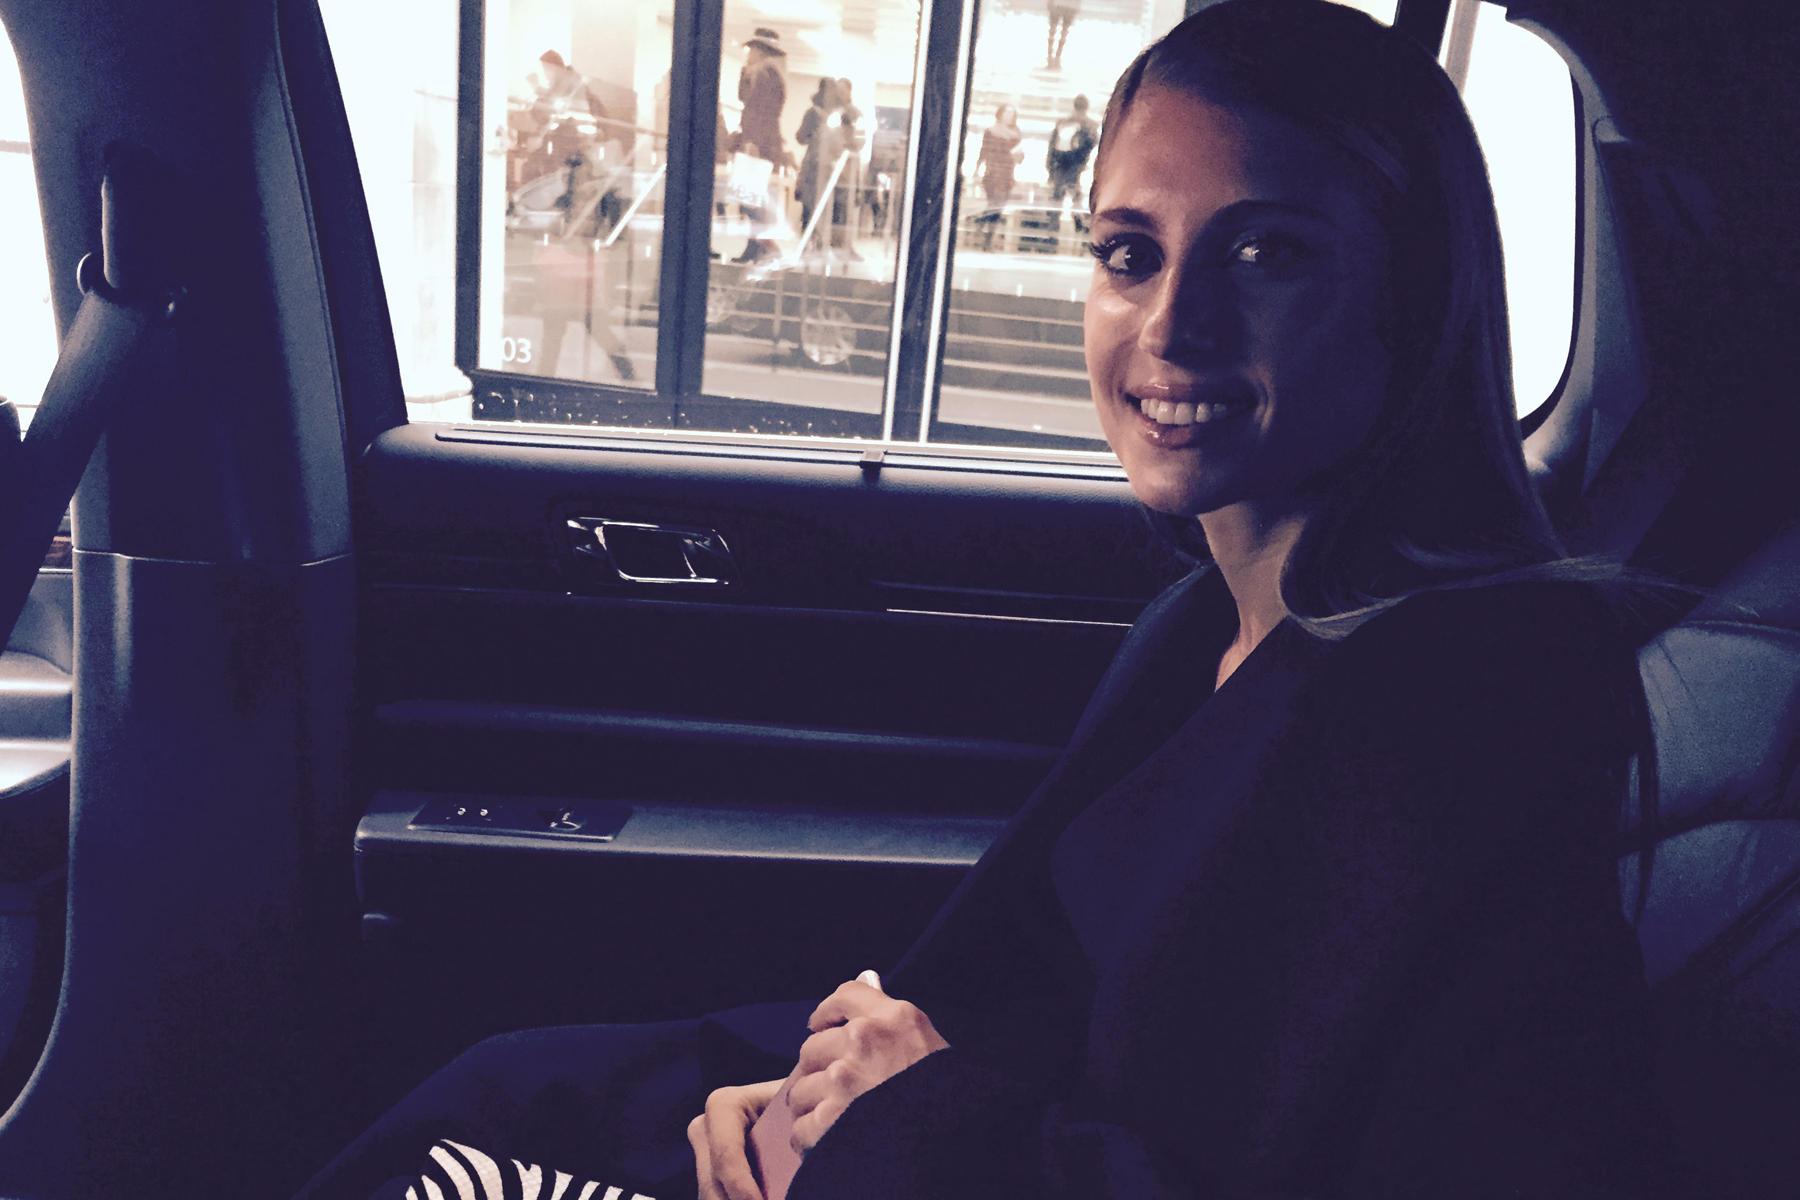 On the road: Cathy auf dem Weg zu ihrem ersten Termin im Rahmen der New York Fashion Week.